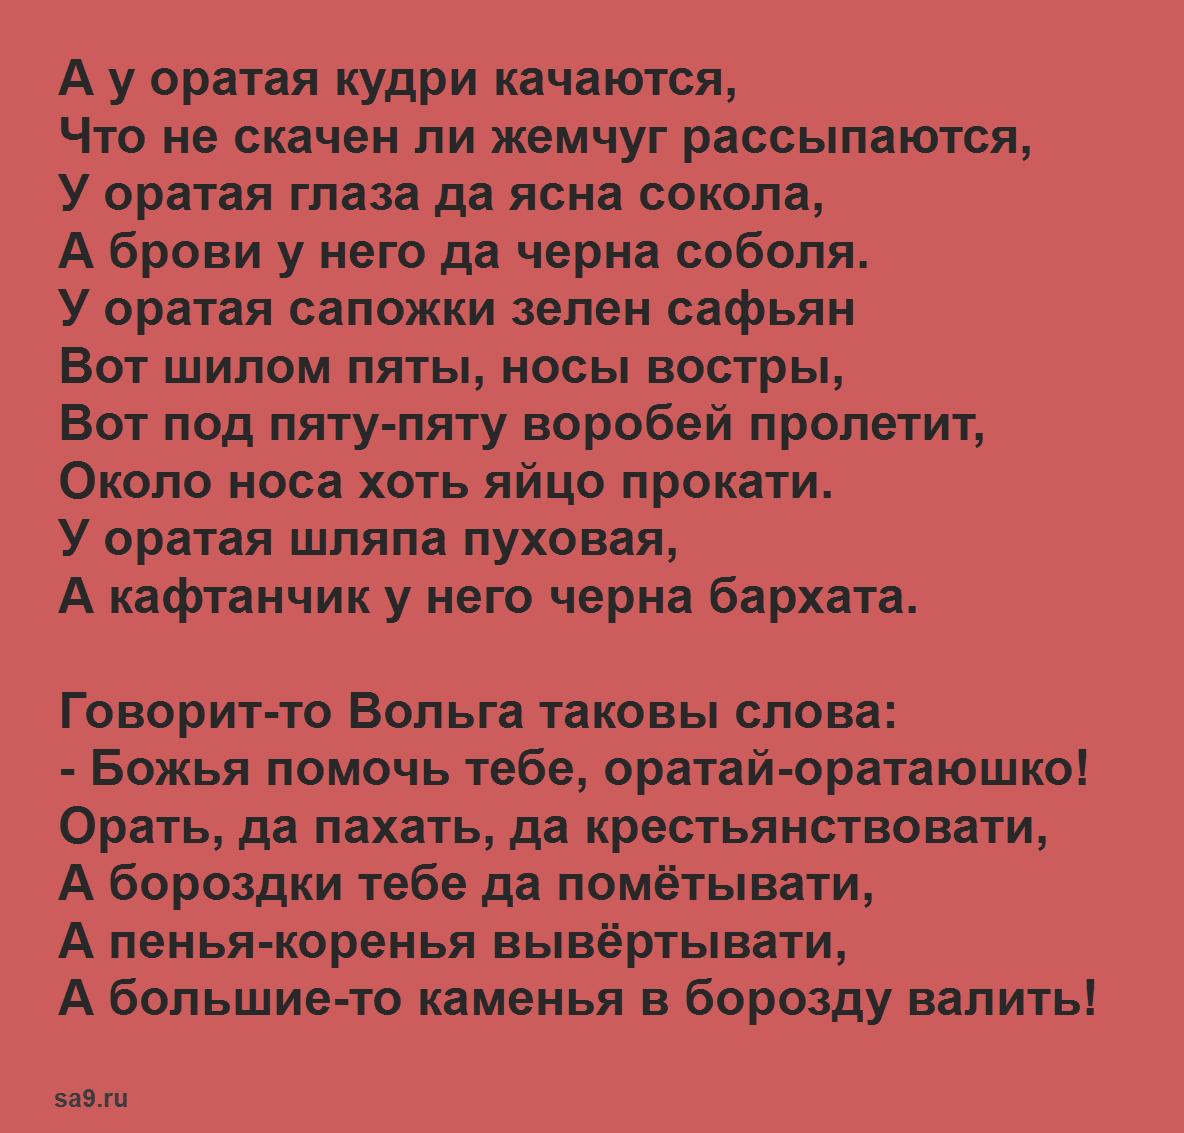 Читать былину - Вольга и Микула Селянинович, полностью